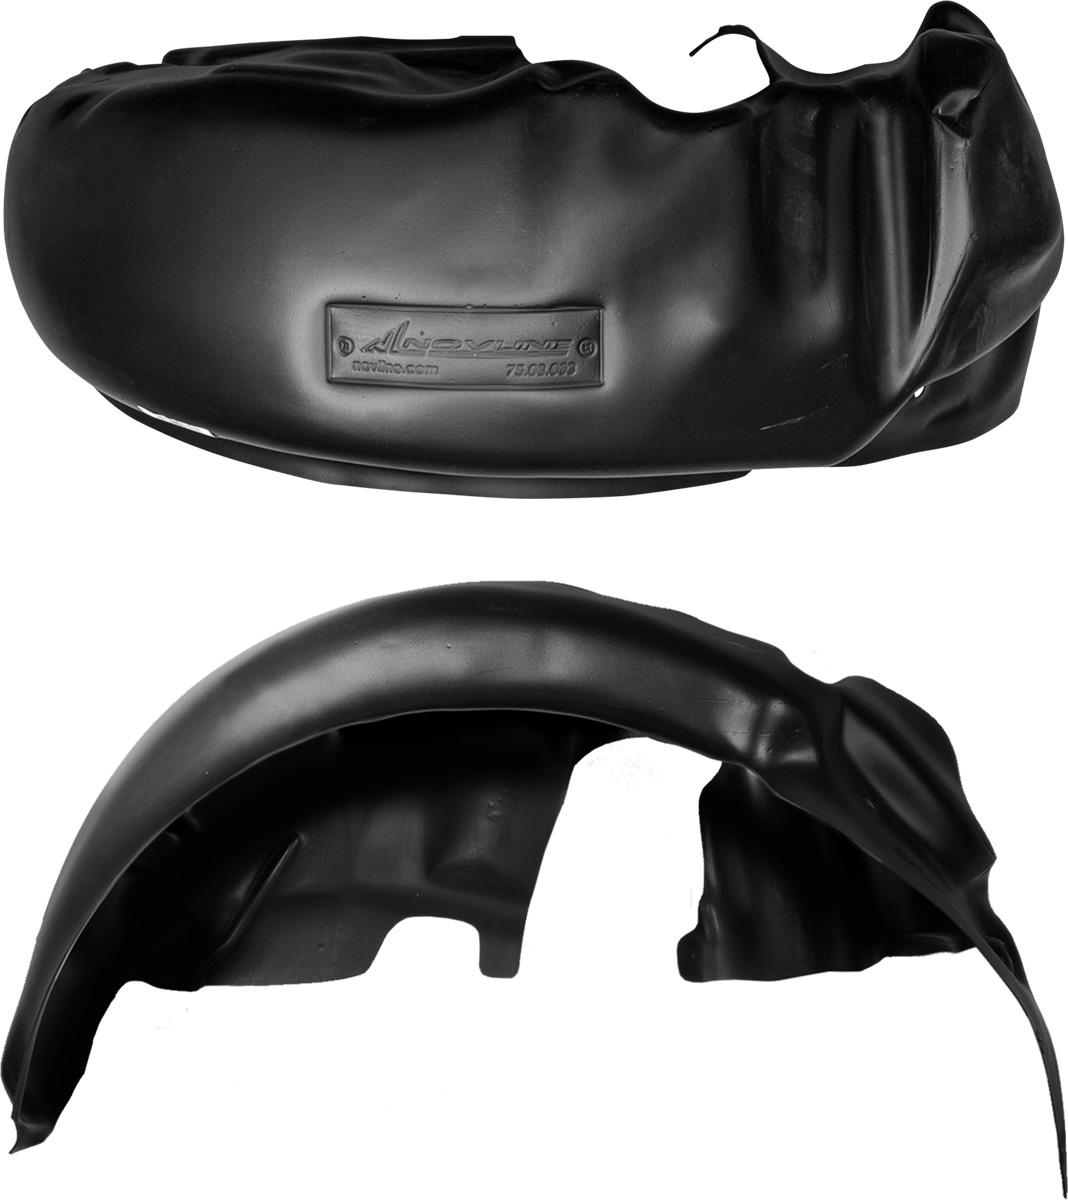 Подкрылок КIА Rio, 04/2015->, седан, передний правыйNLL.25.42.002Колесные ниши – одни из самых уязвимых зон днища вашего автомобиля. Они постоянно подвергаются воздействию со стороны дороги. Лучшая, почти абсолютная защита для них - специально отформованные пластиковые кожухи, которые называются подкрылками, или локерами. Производятся они как для отечественных моделей автомобилей, так и для иномарок. Подкрылки выполнены из высококачественного, экологически чистого пластика. Обеспечивают надежную защиту кузова автомобиля от пескоструйного эффекта и негативного влияния, агрессивных антигололедных реагентов. Пластик обладает более низкой теплопроводностью, чем металл, поэтому в зимний период эксплуатации использование пластиковых подкрылков позволяет лучше защитить колесные ниши от налипания снега и образования наледи. Оригинальность конструкции подчеркивает элегантность автомобиля, бережно защищает нанесенное на днище кузова антикоррозийное покрытие и позволяет осуществить крепление подкрылков внутри колесной арки практически без дополнительного...